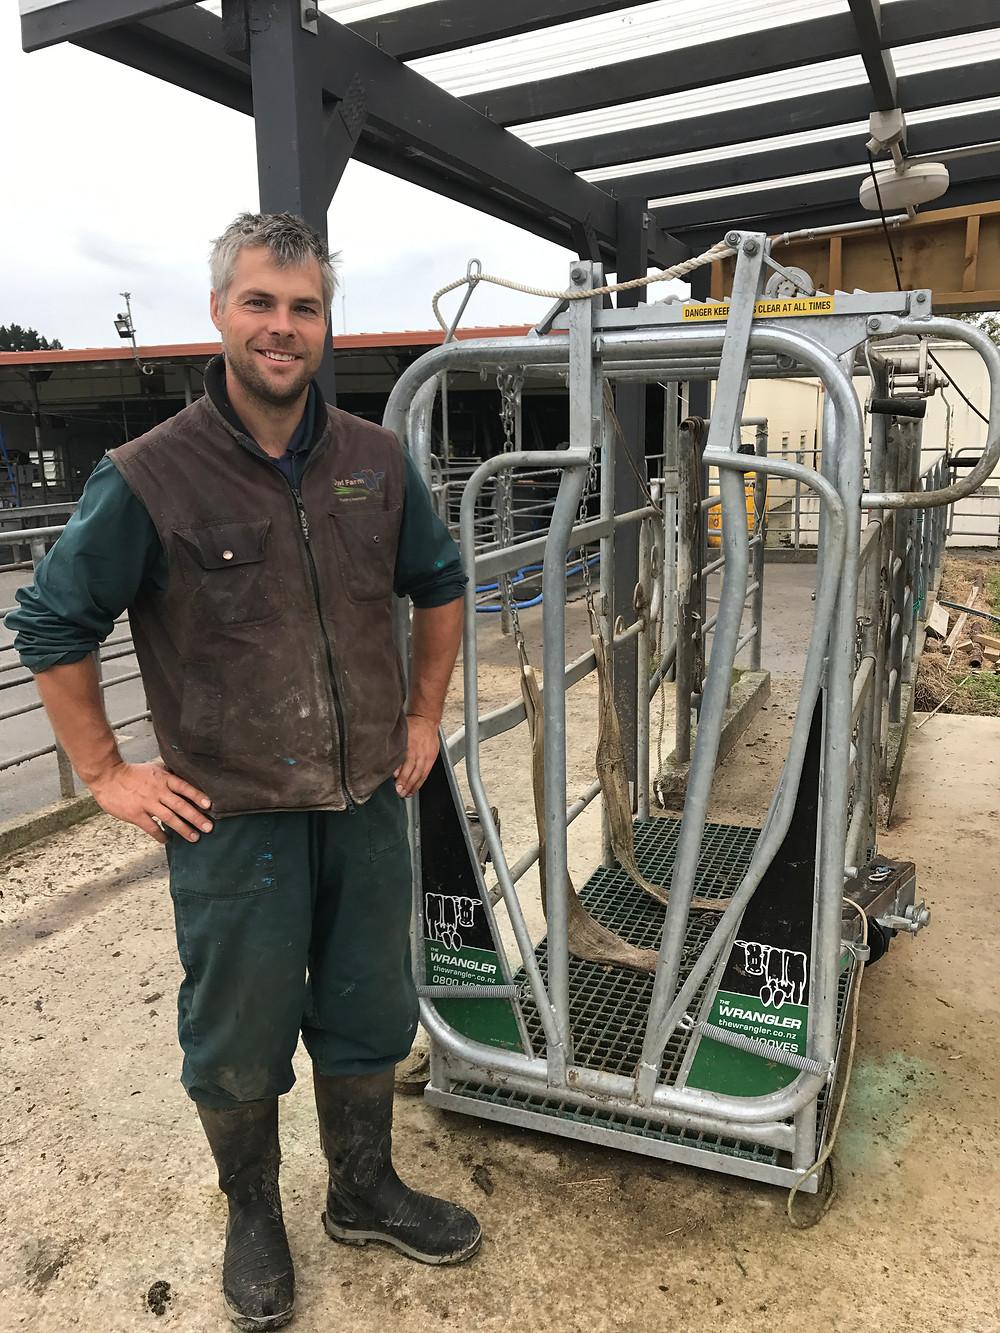 Tom Buckley, Manager Owl Farm